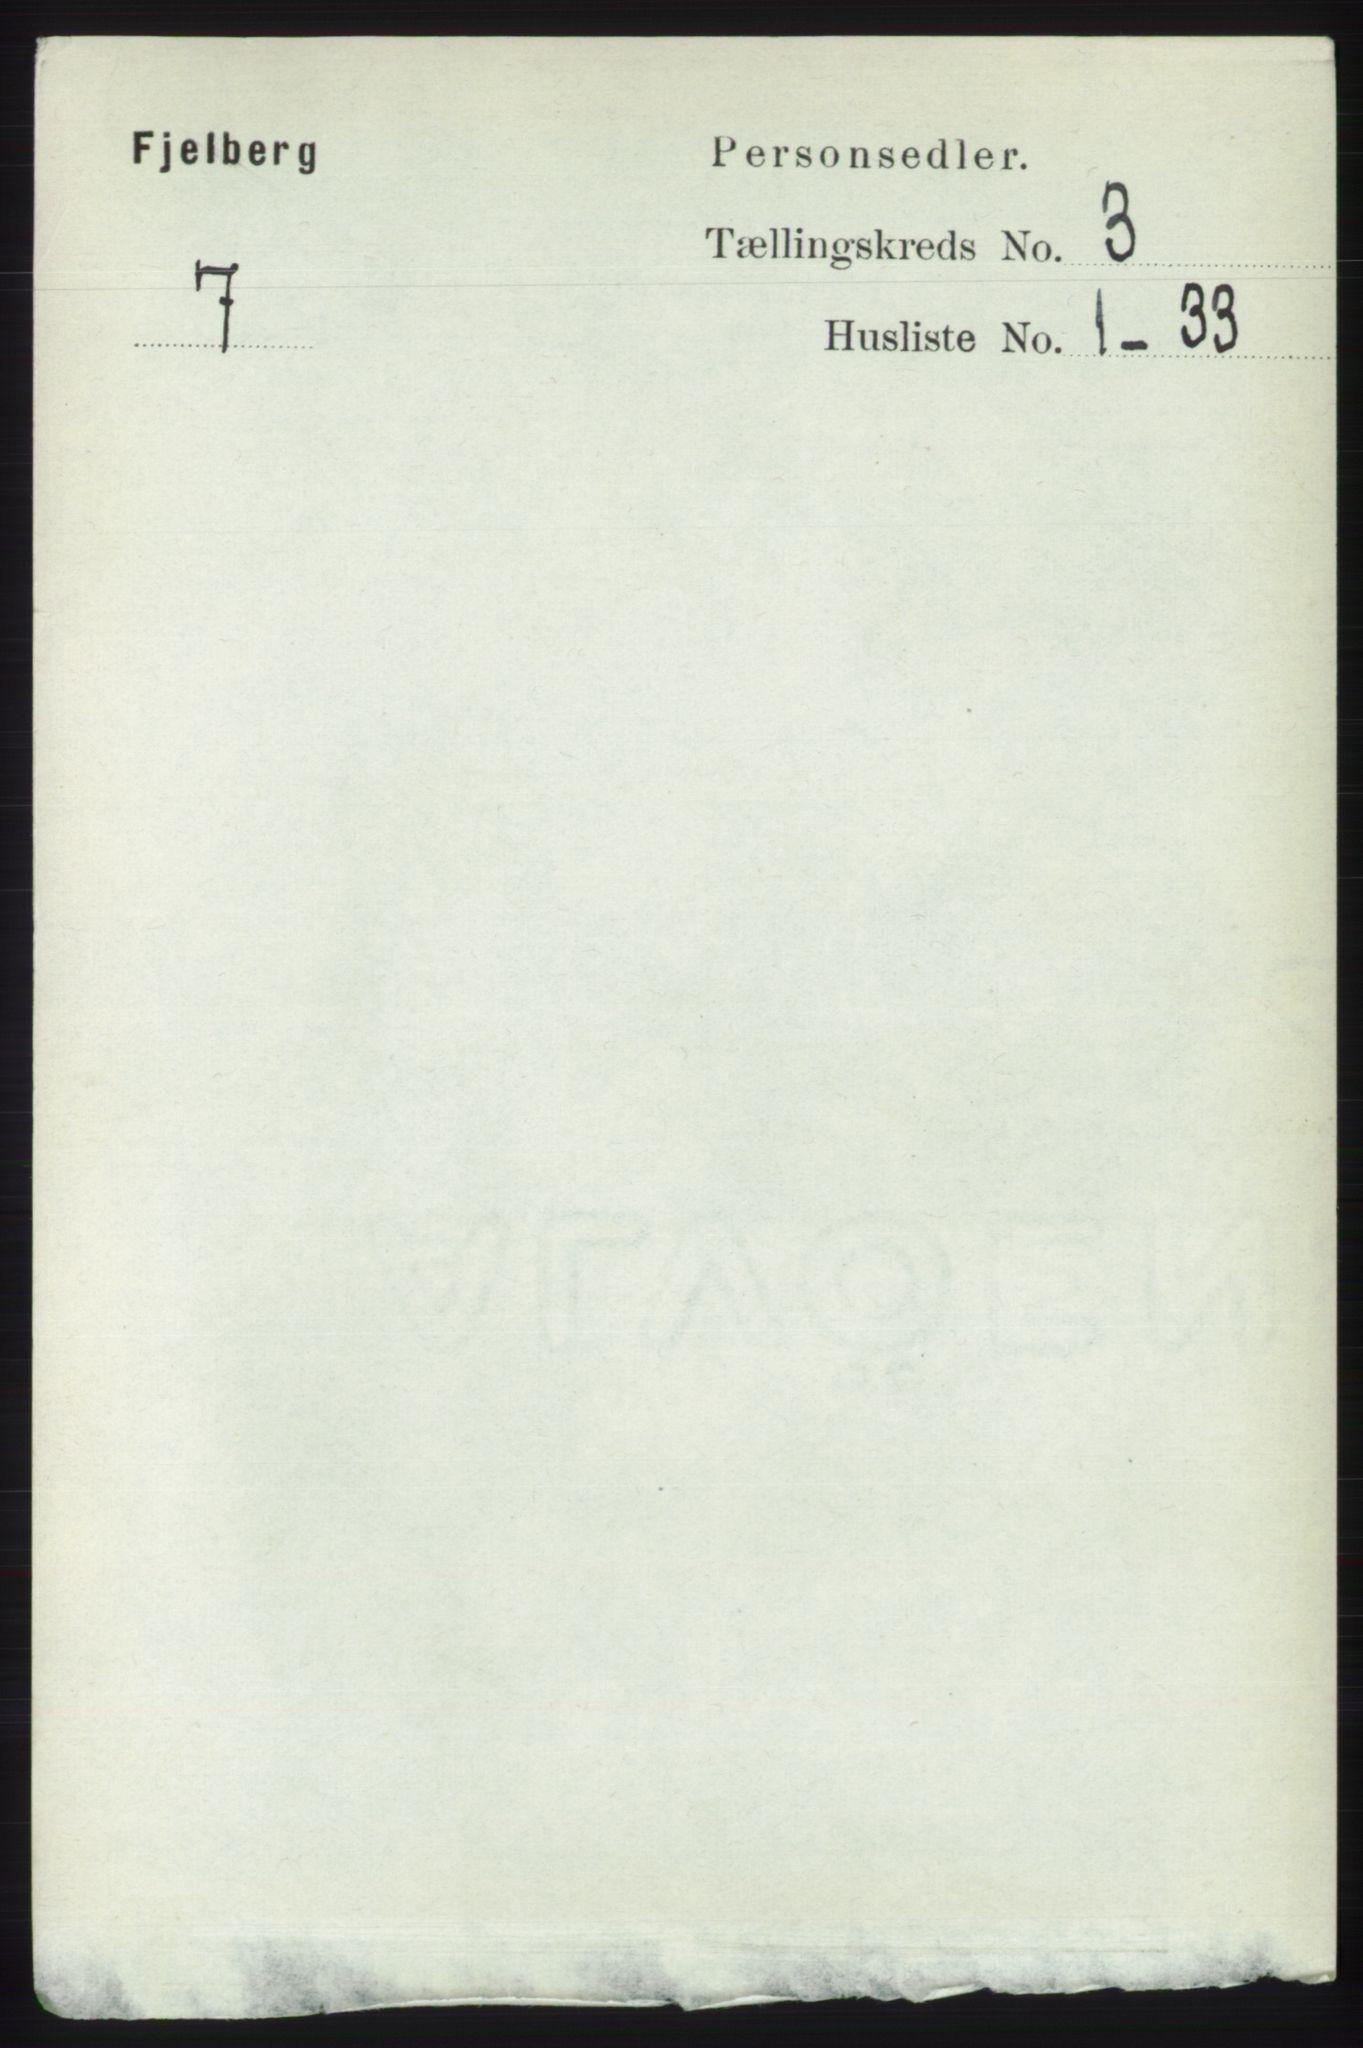 RA, Folketelling 1891 for 1213 Fjelberg herred, 1891, s. 785